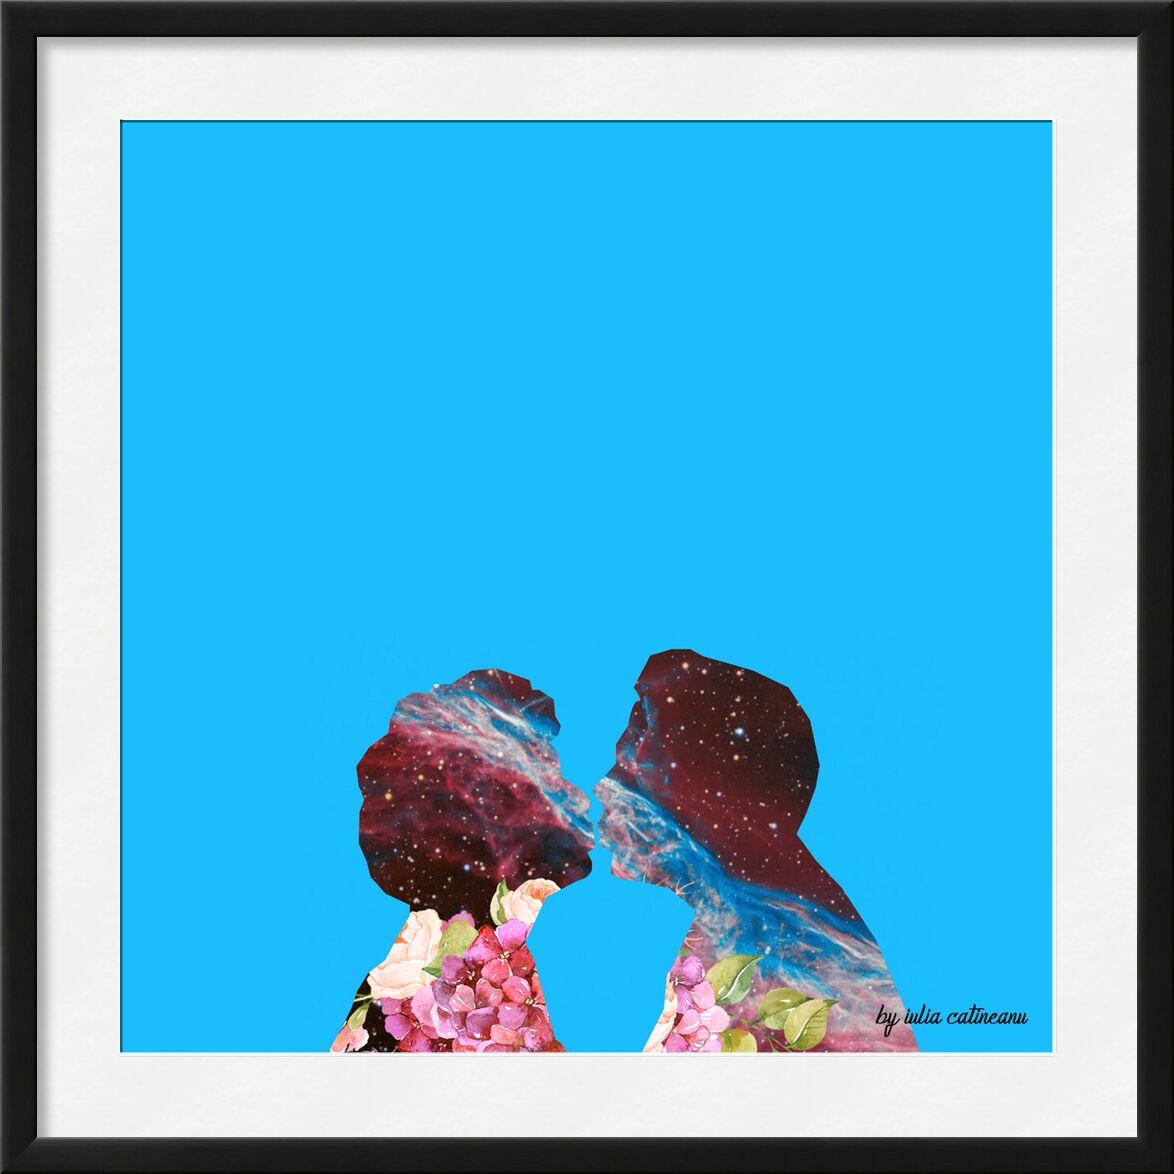 Space love de IULIA CATINEANU, Prodi Art, pop Art, bleu, amour, couple, univers